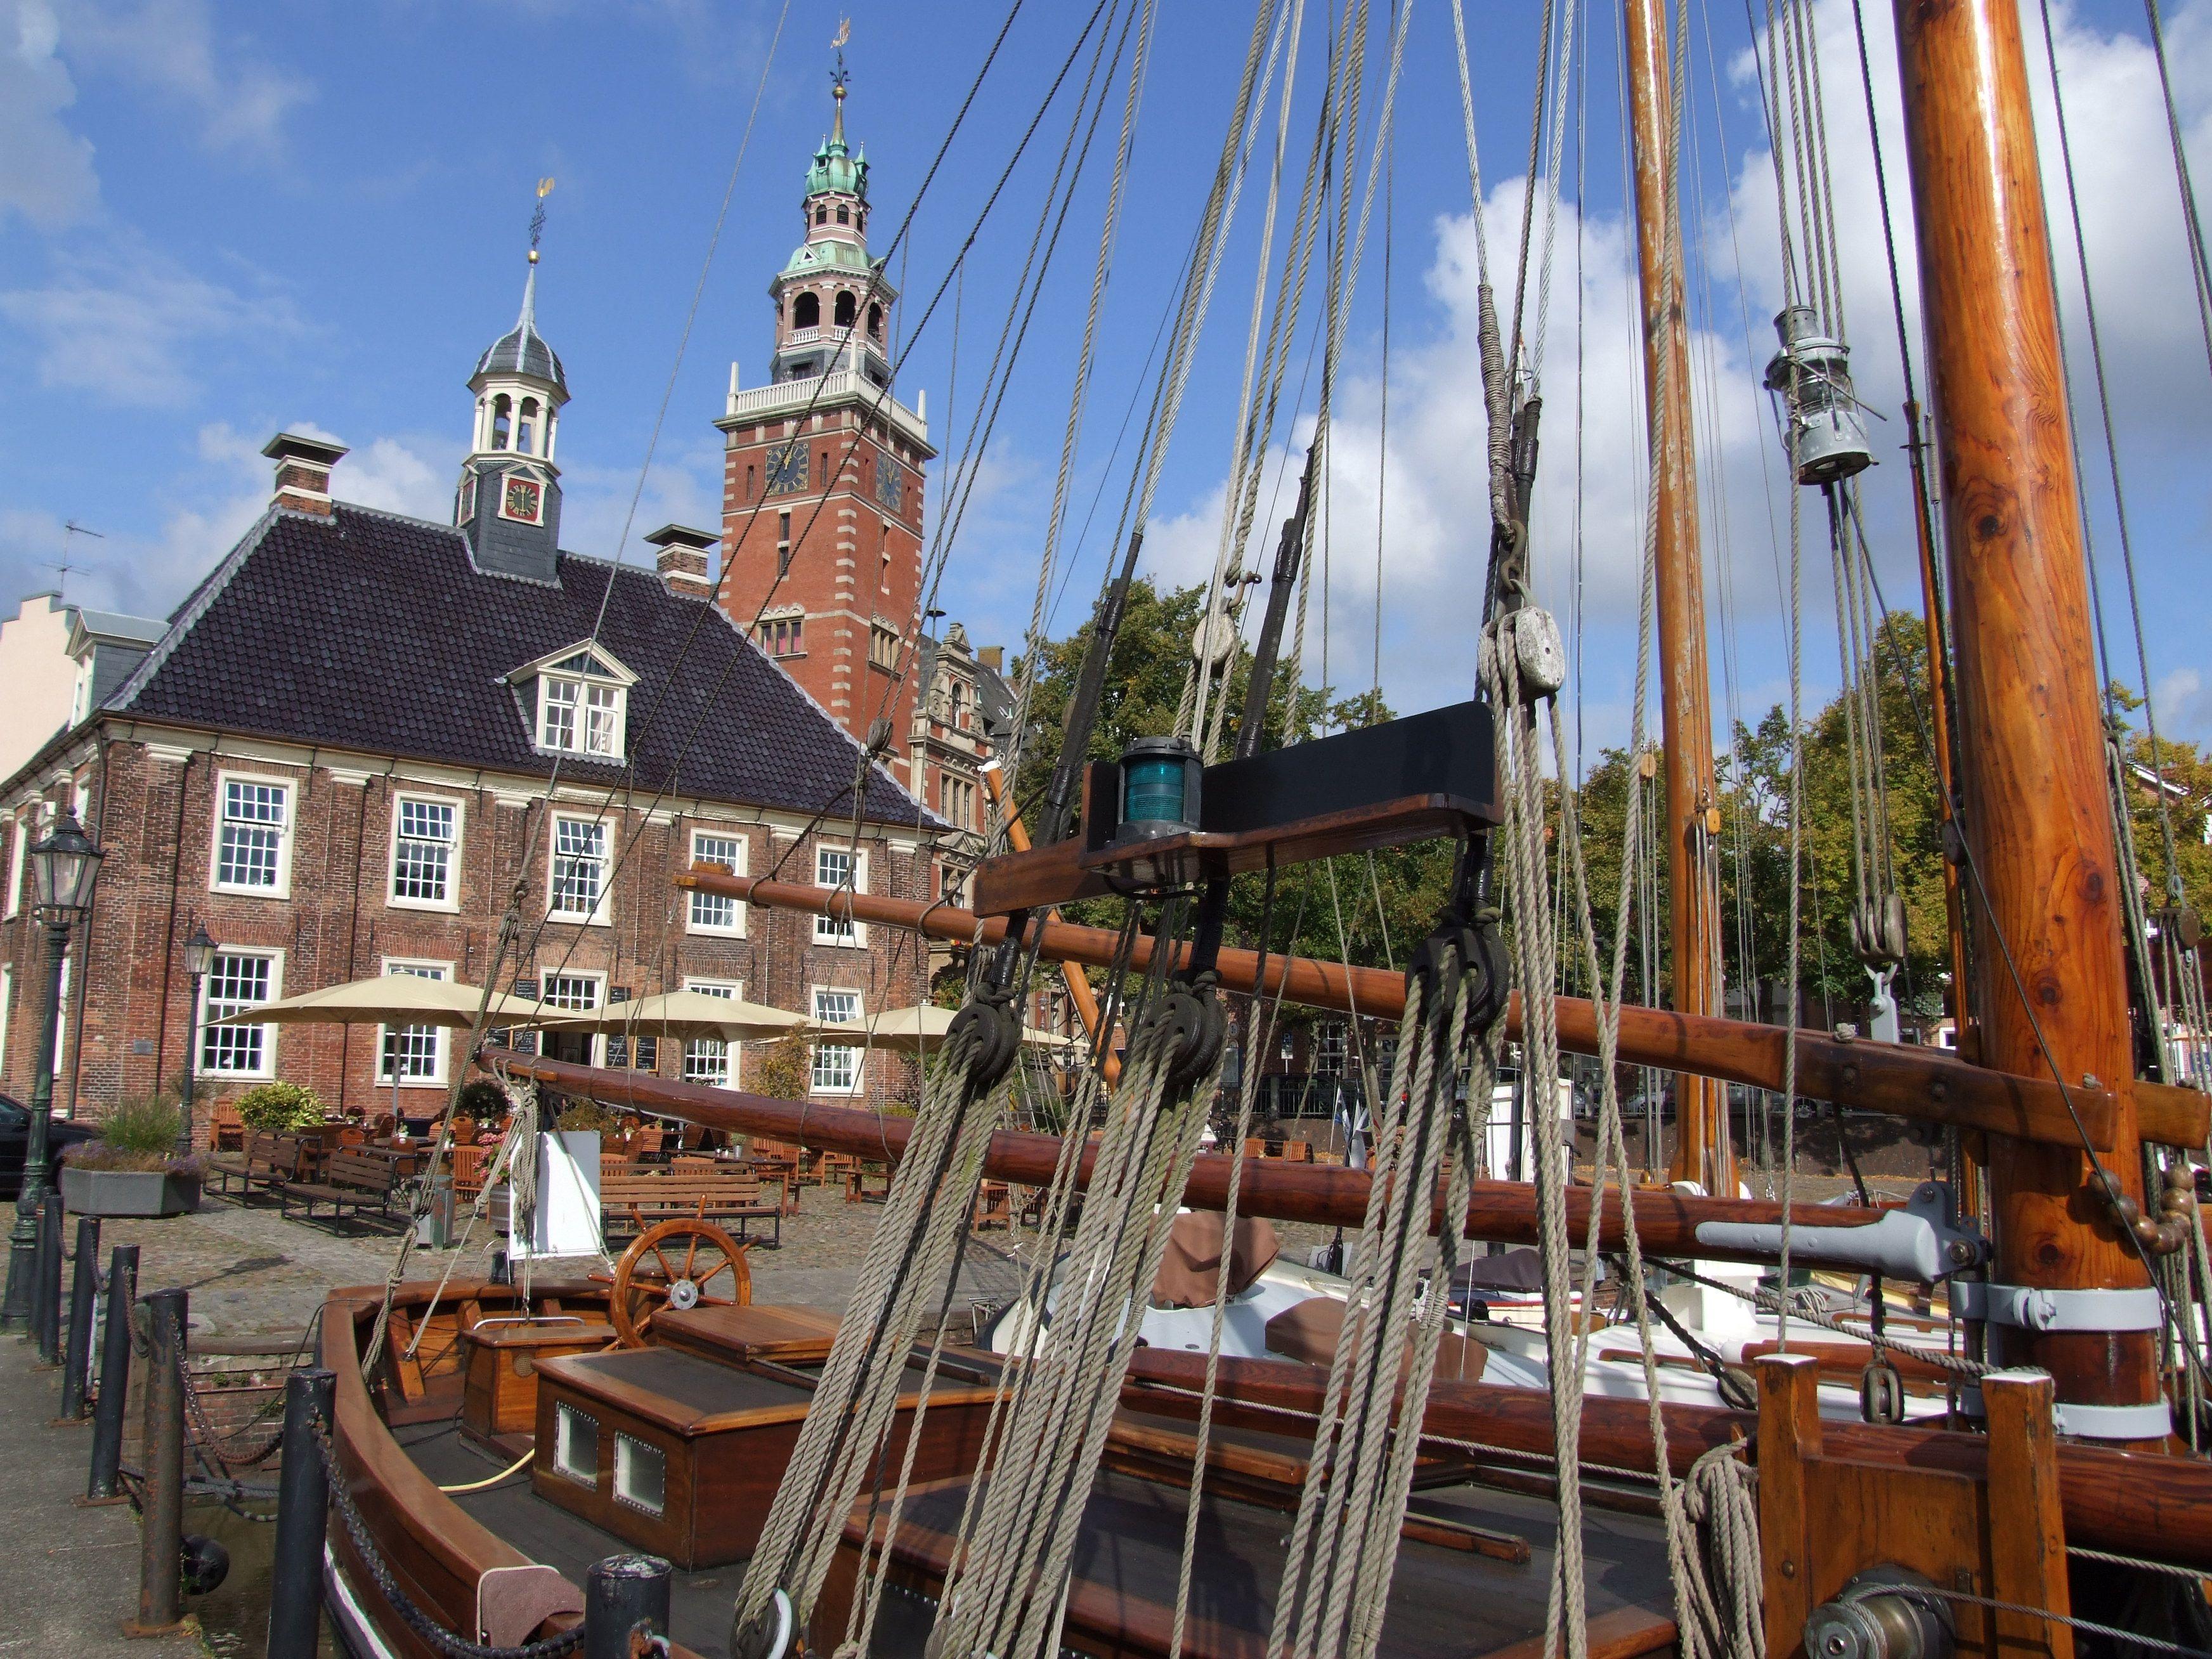 Im Museumshafen von Leer mit Blick auf die Waage und das Rathaus.